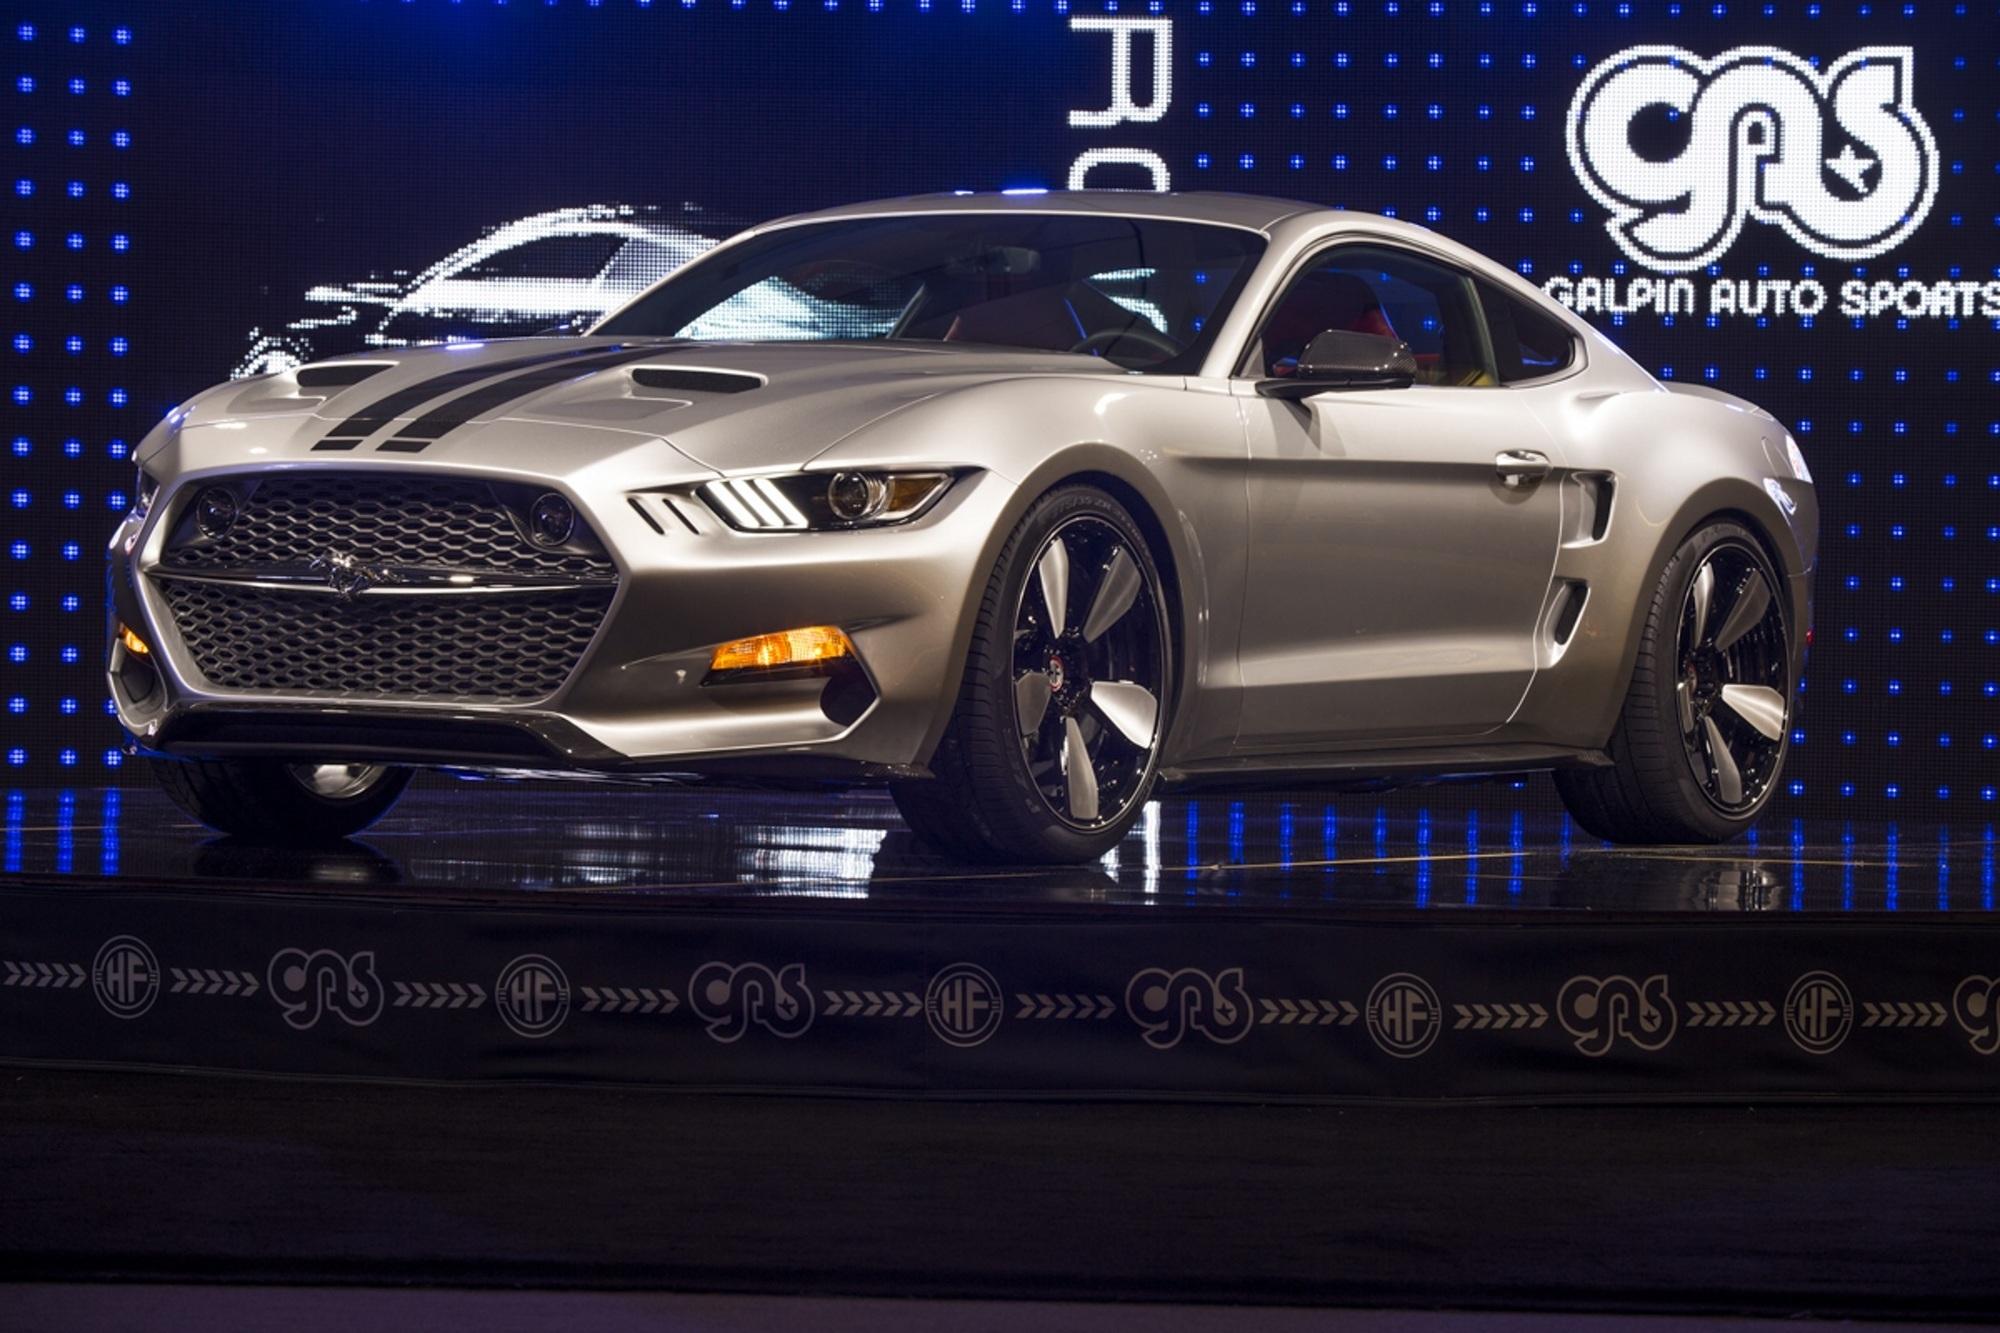 Galpin Auto Sports Rocket - Extraleichter Sportdress für den Mustang